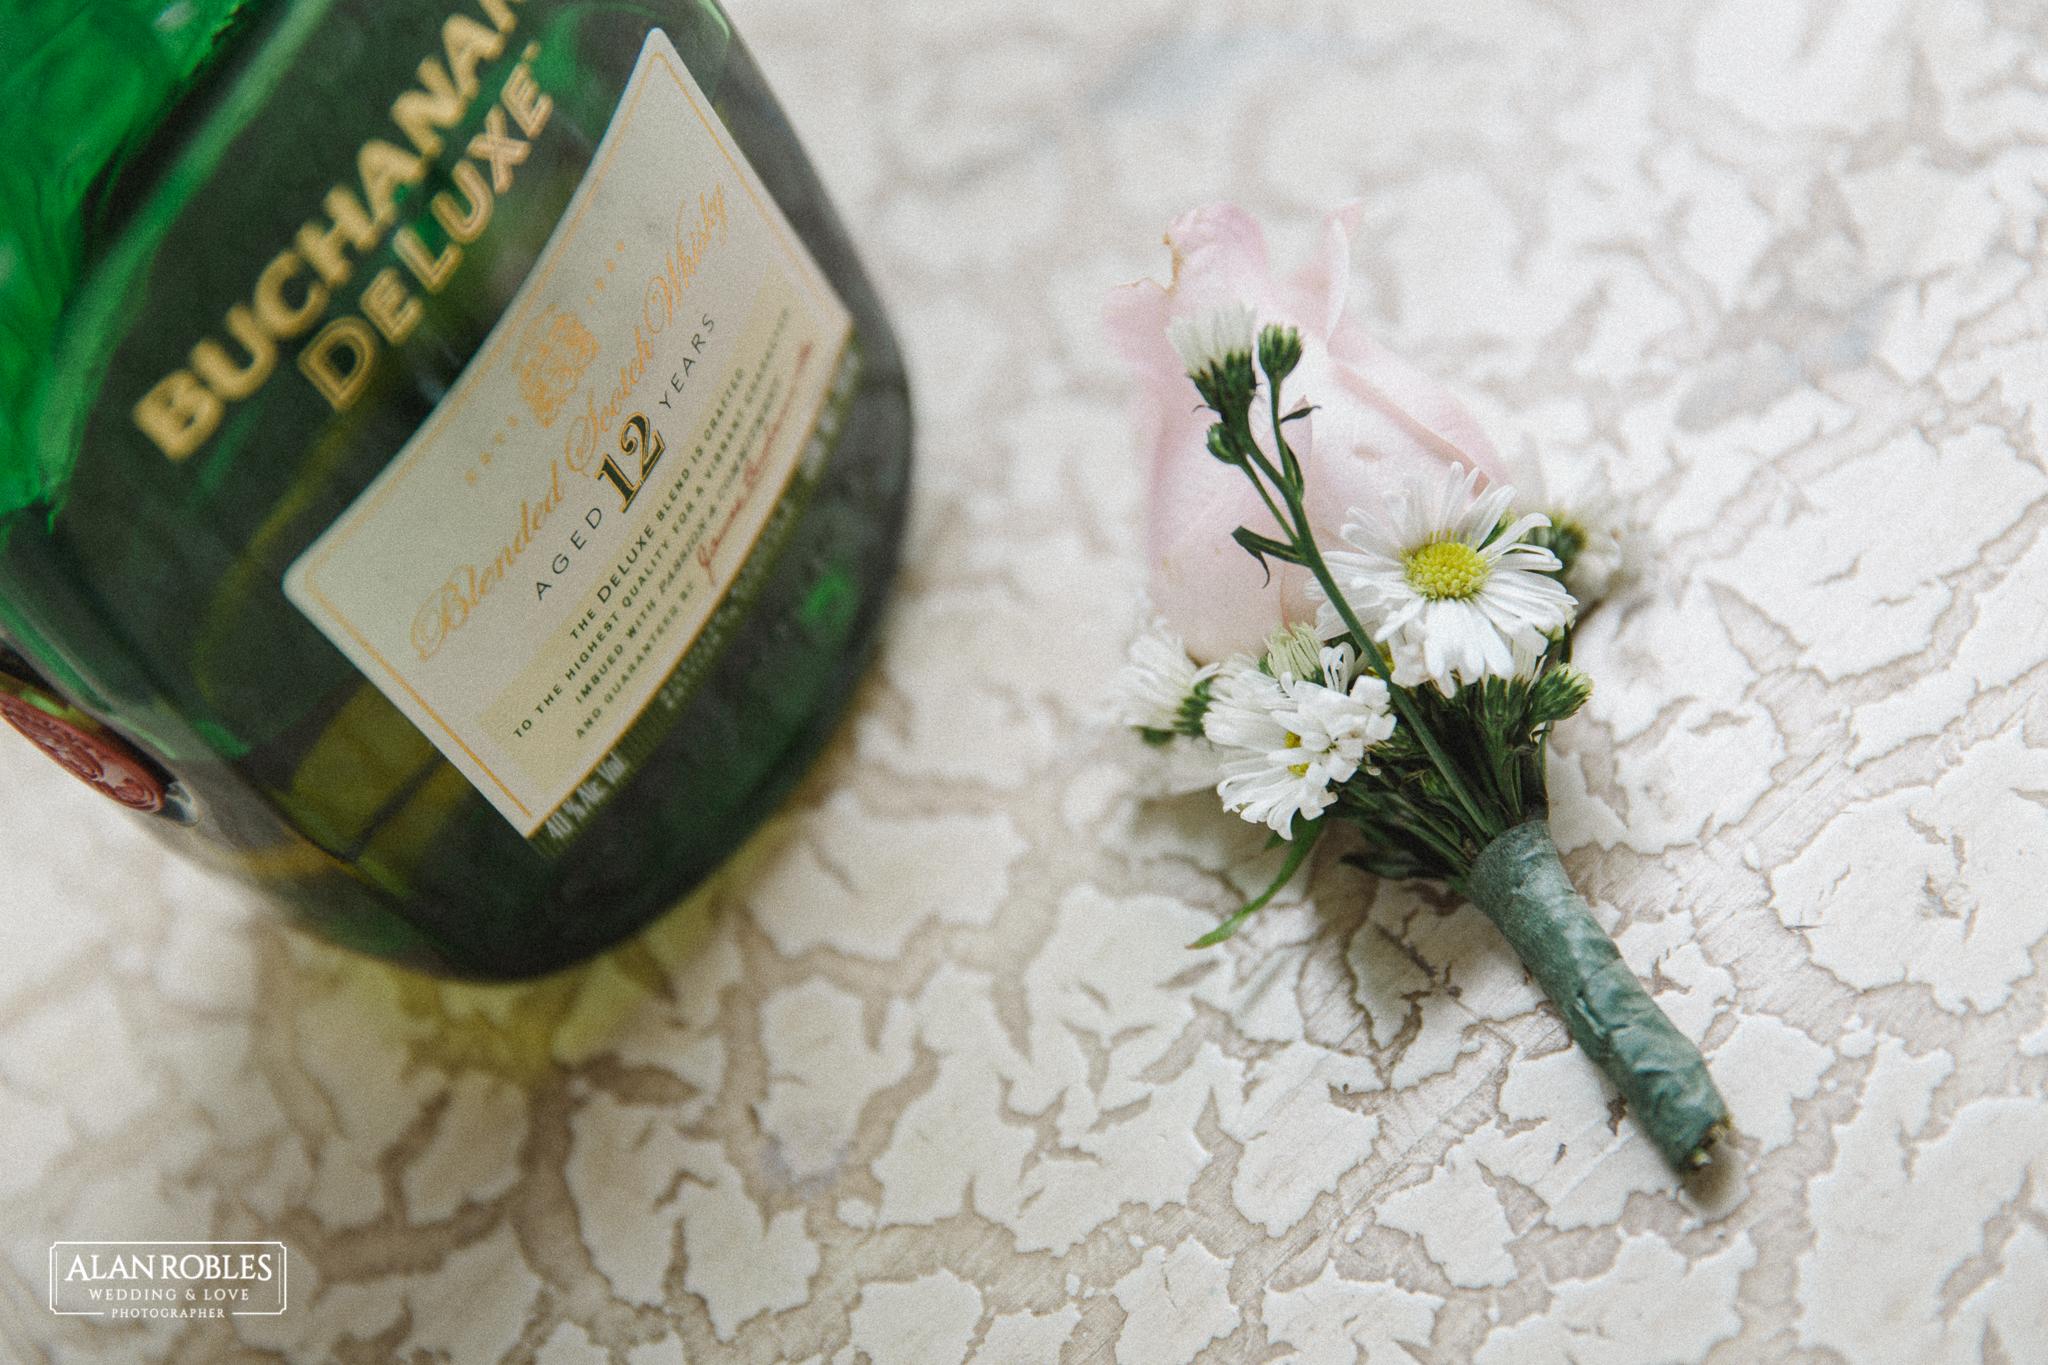 Botonier o Azar del novio en boda. Getting Ready del novio, fotografia de bodas en Blanco. Alan Robles, fotografo de Bodas en Guadalajara.